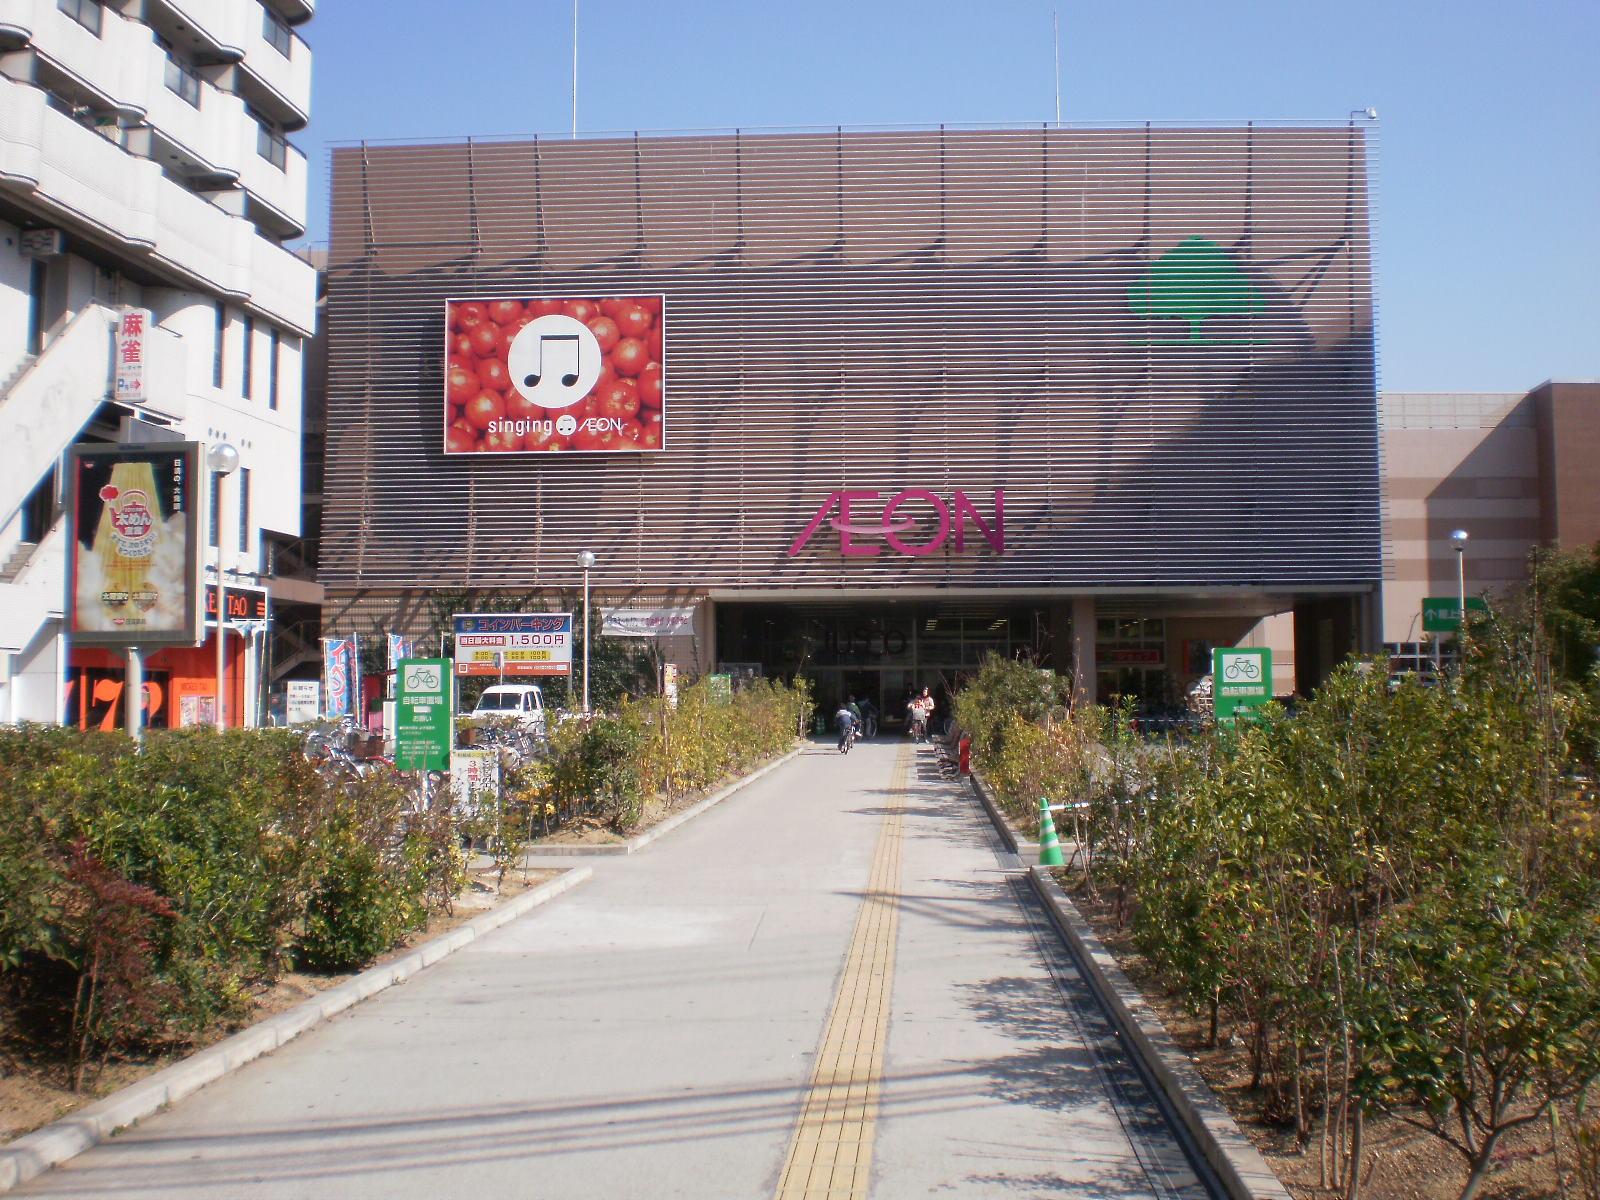 ショッピングセンター ライトオン喜連瓜破イオン店(ショッピングセンター)まで1105m